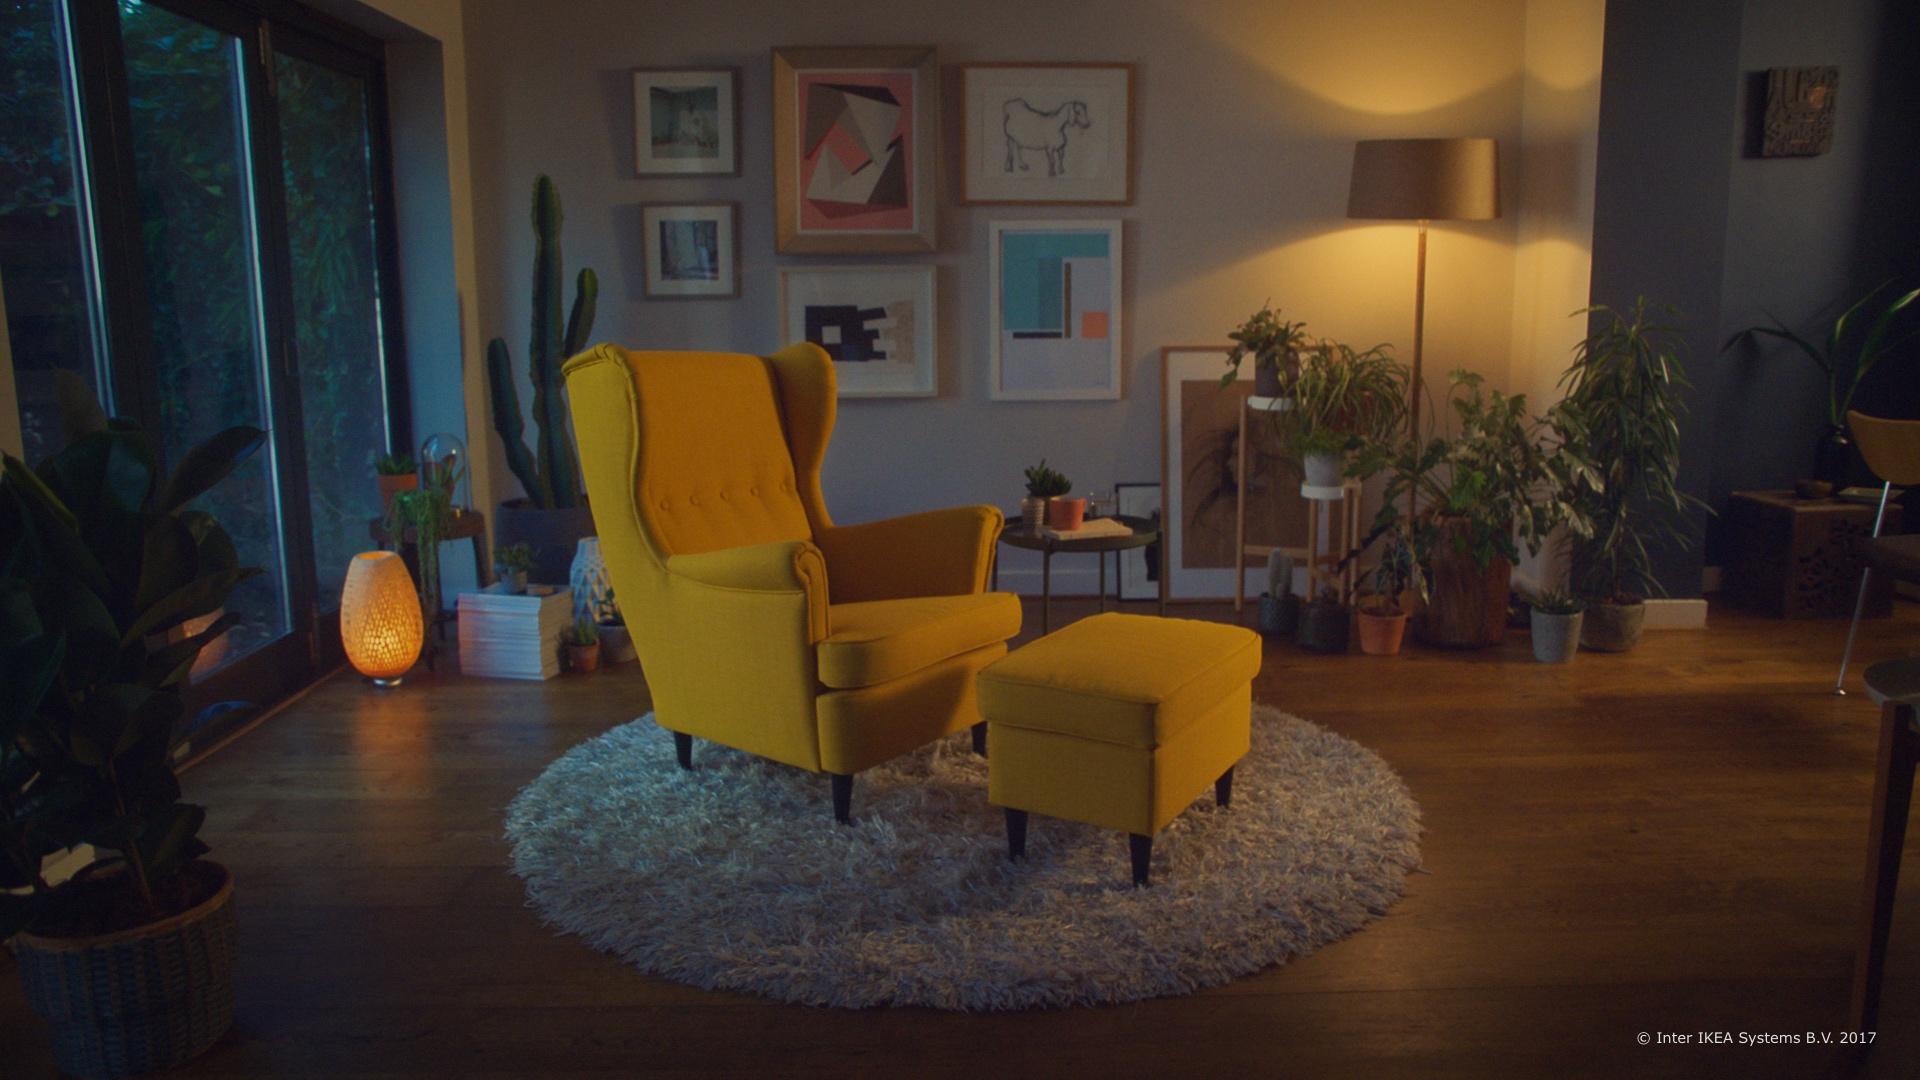 AR Filter - IKEA Place